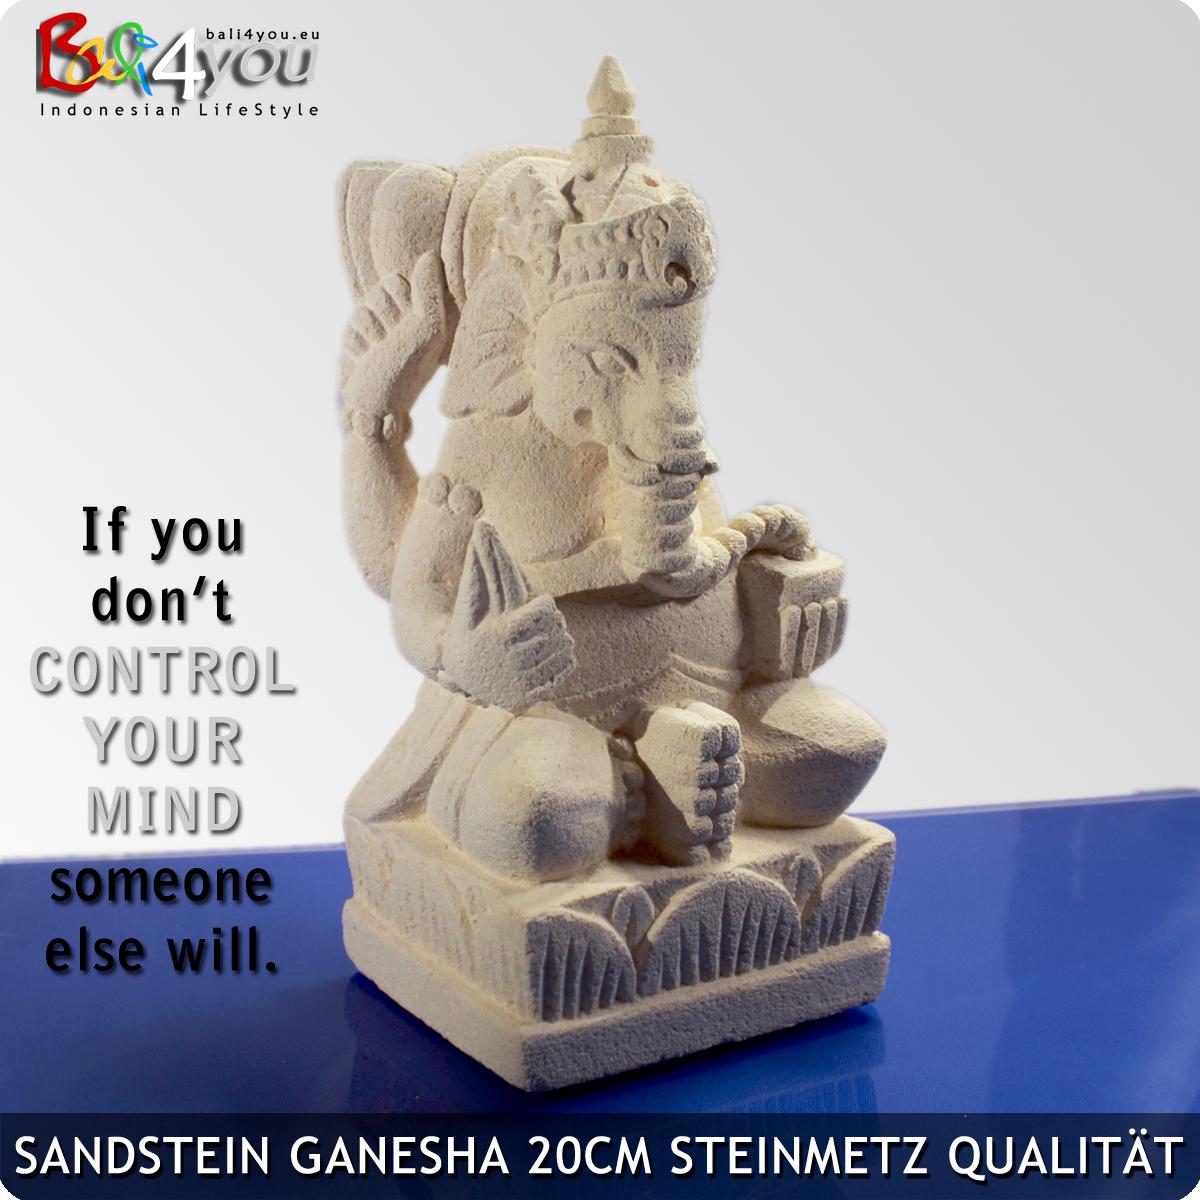 Sandstein Ganesha 20cm